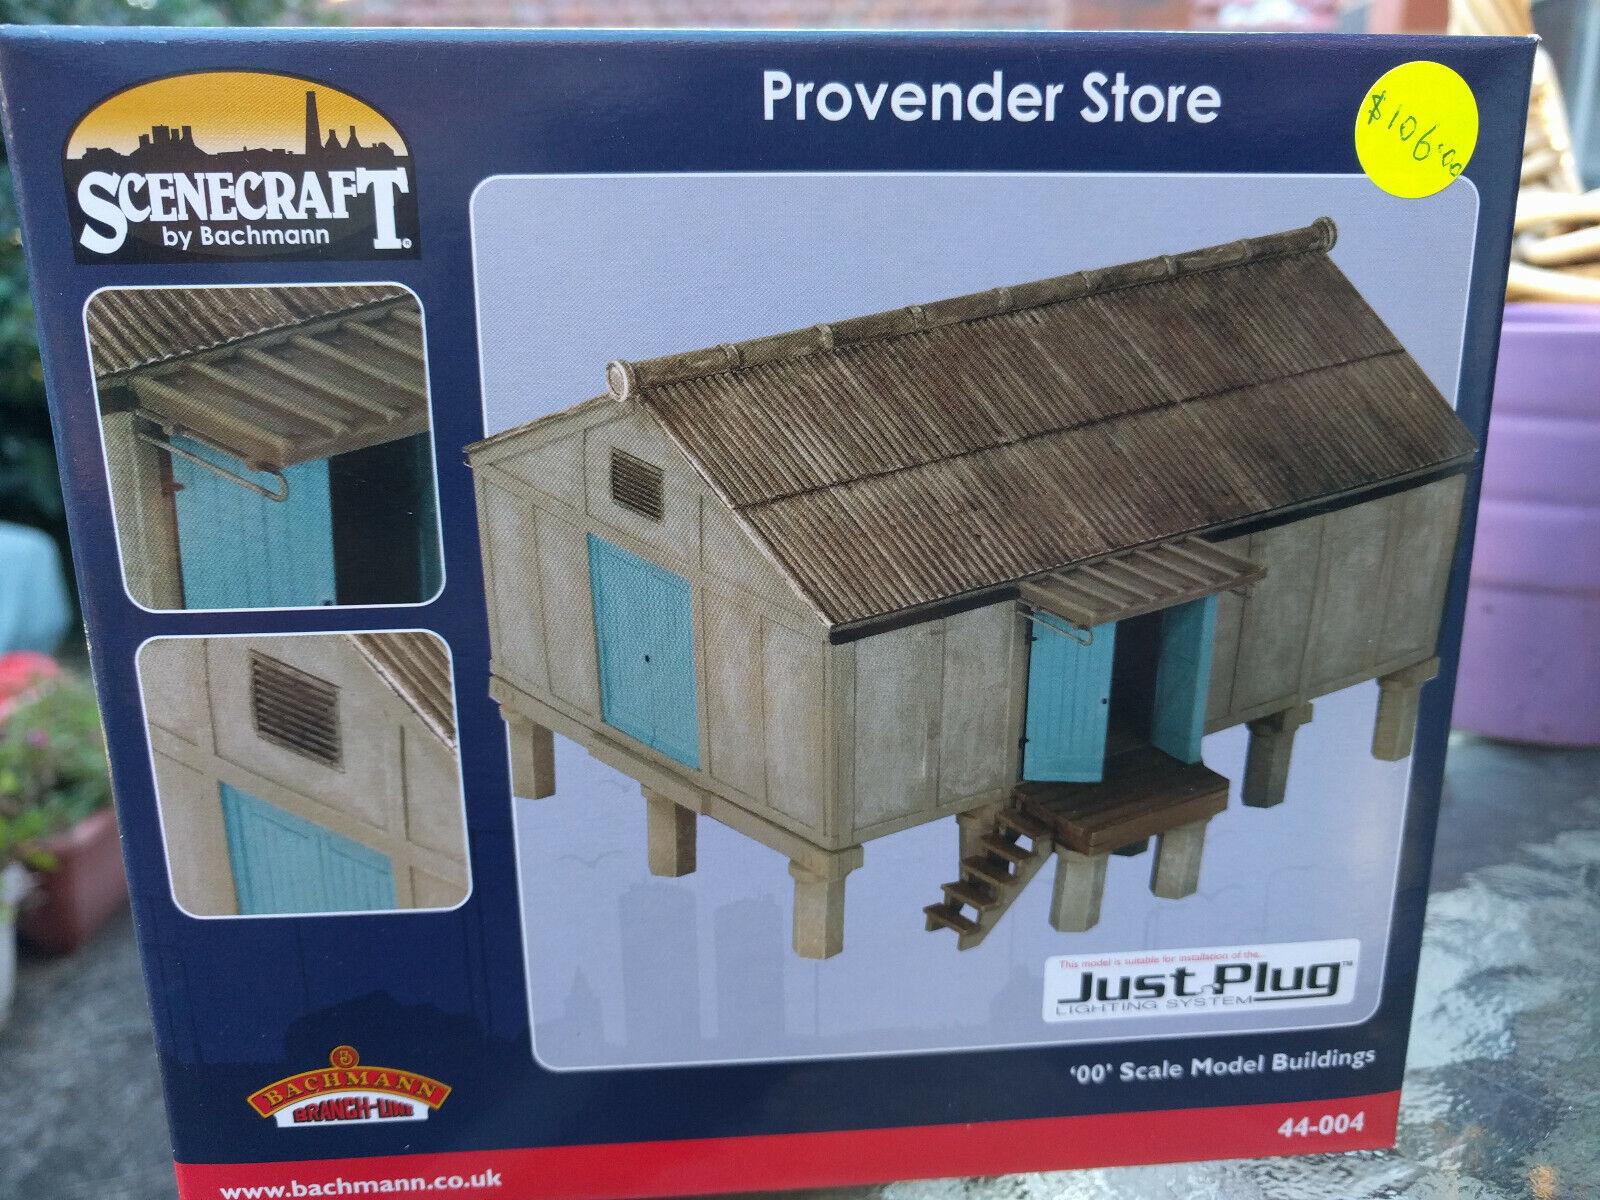 Bachuomon Scenecraft Provendor Store ref 44004